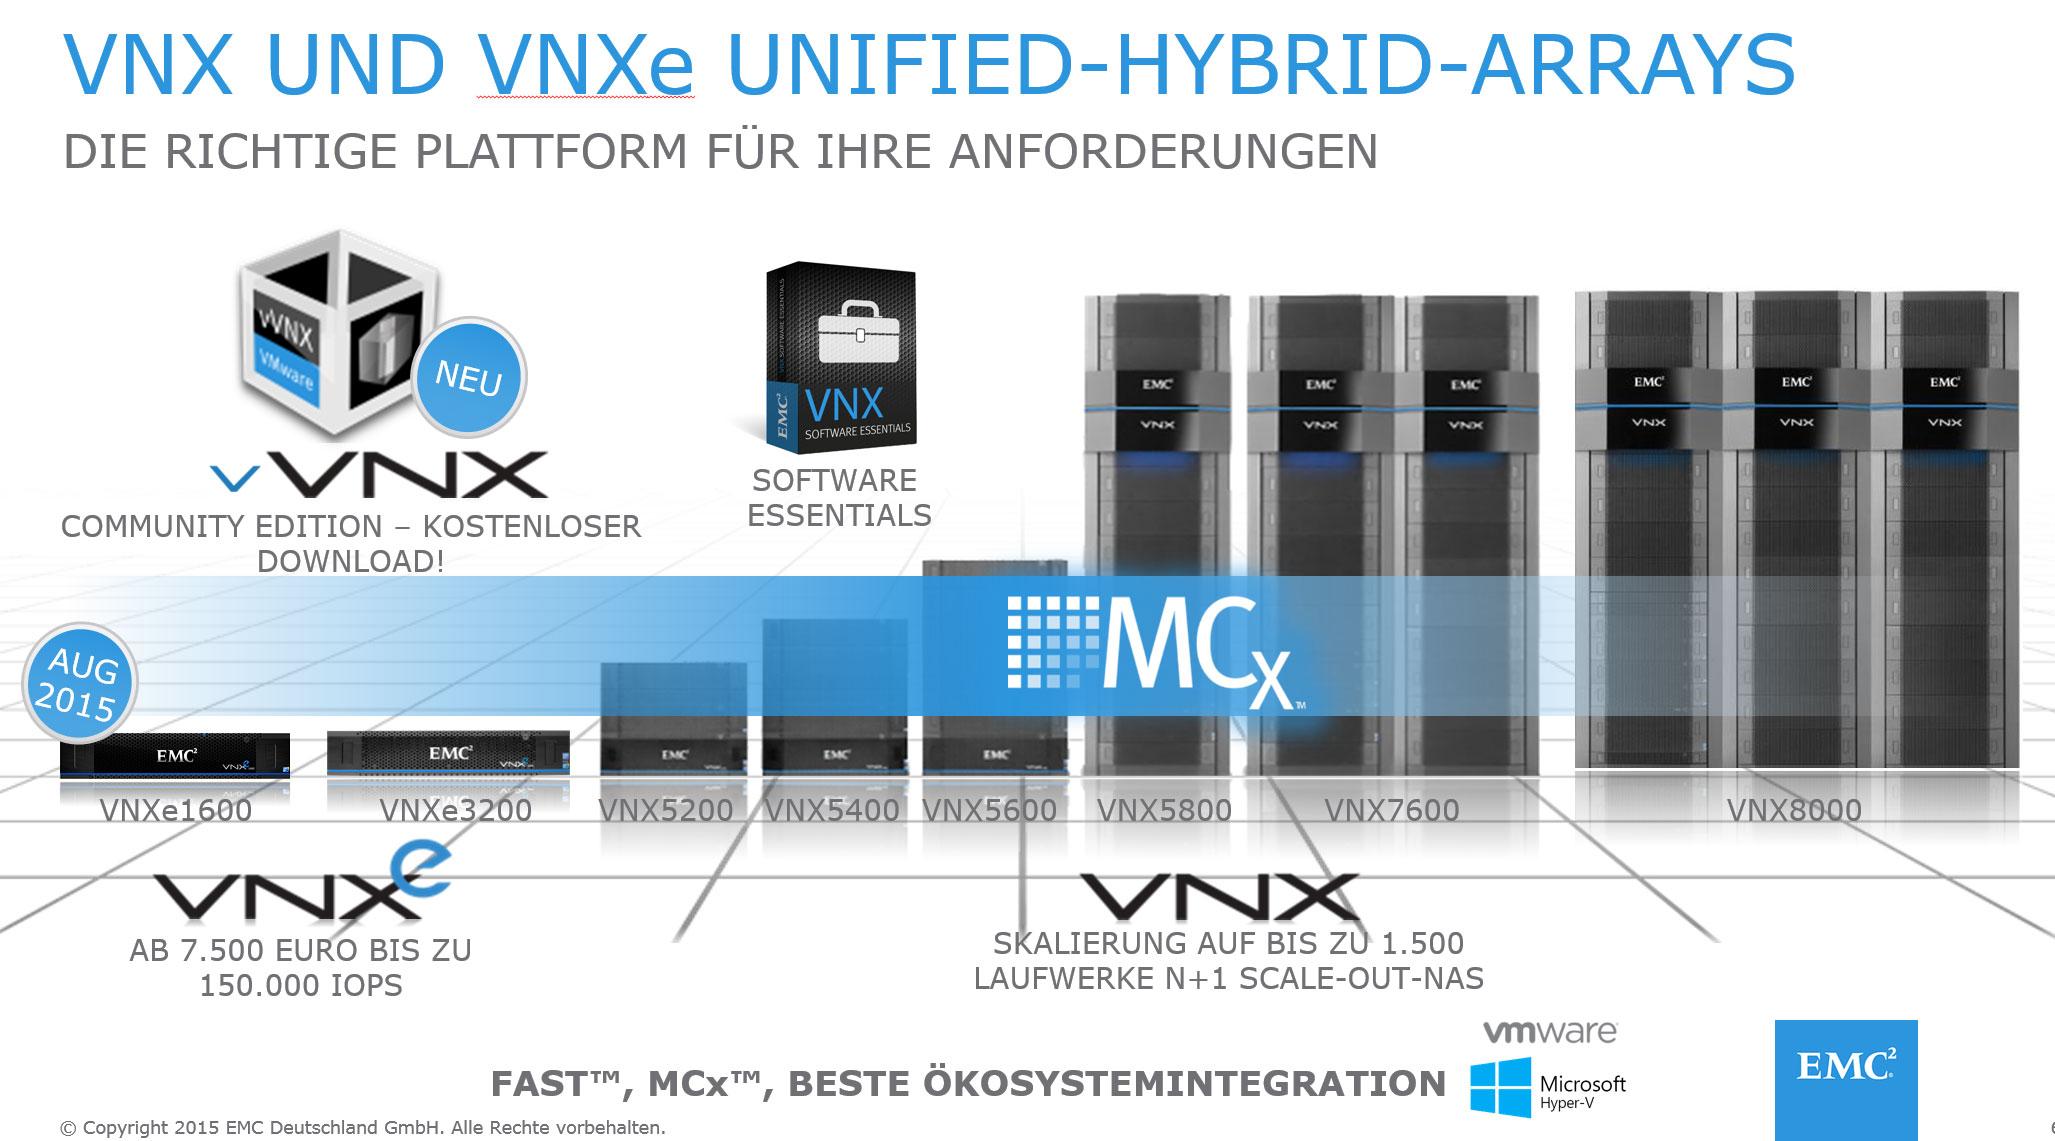 VNX und VNXe unified hybrid Storage Arrays von EMC